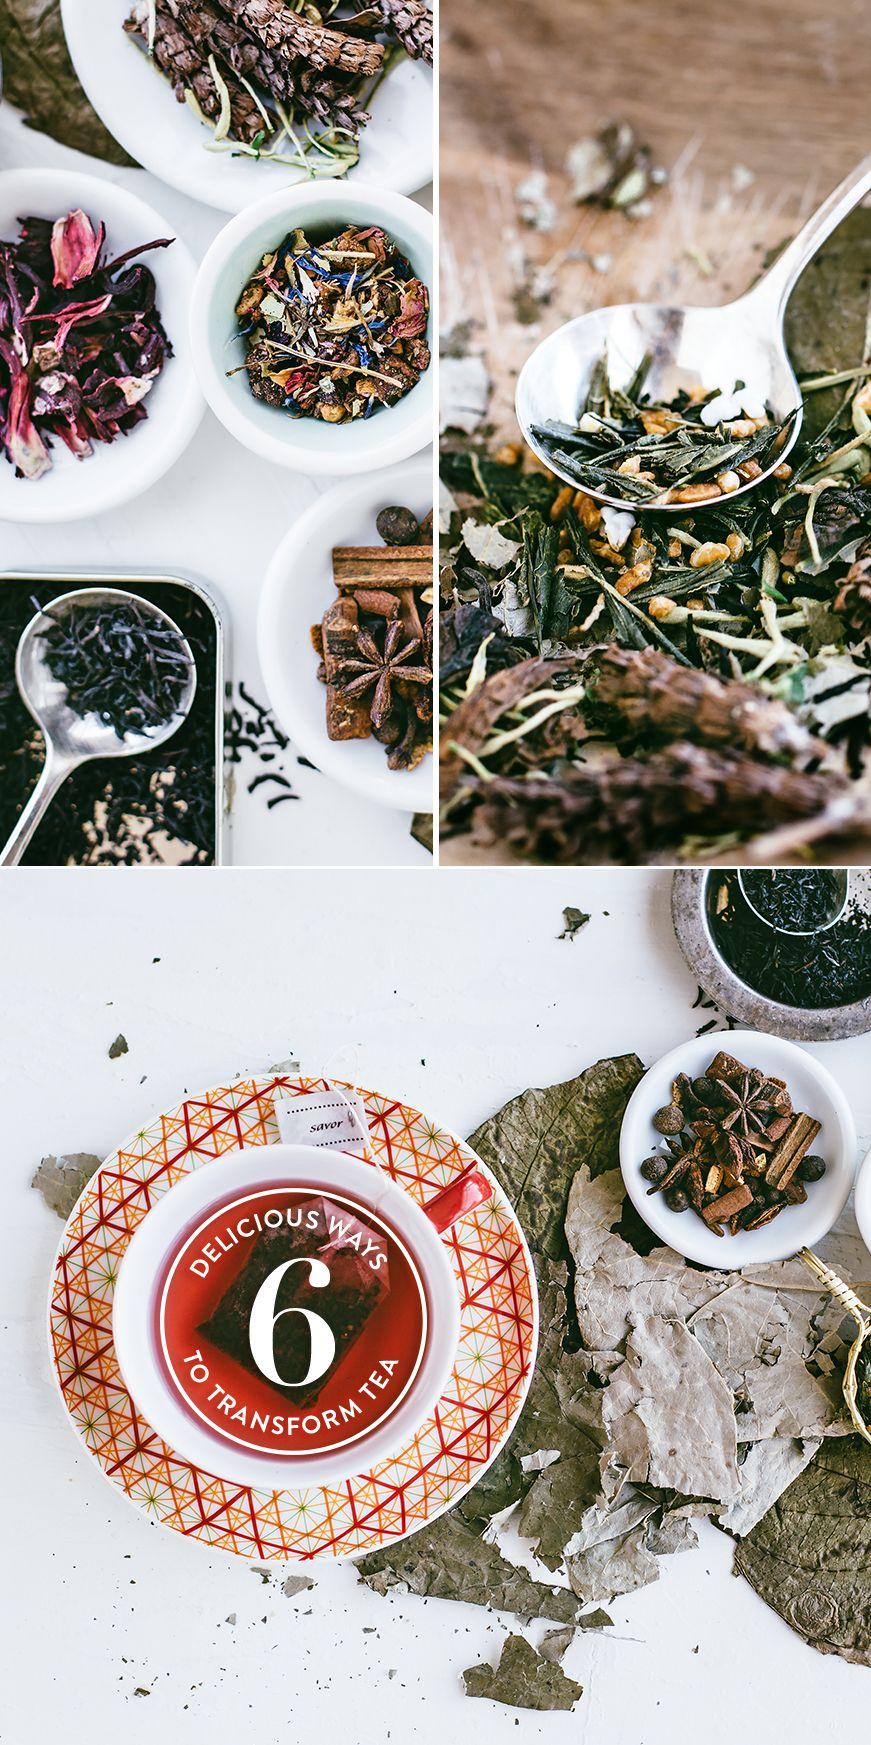 6 Delicious Ways to Transform Tea #Luvo #Tea #Recipes